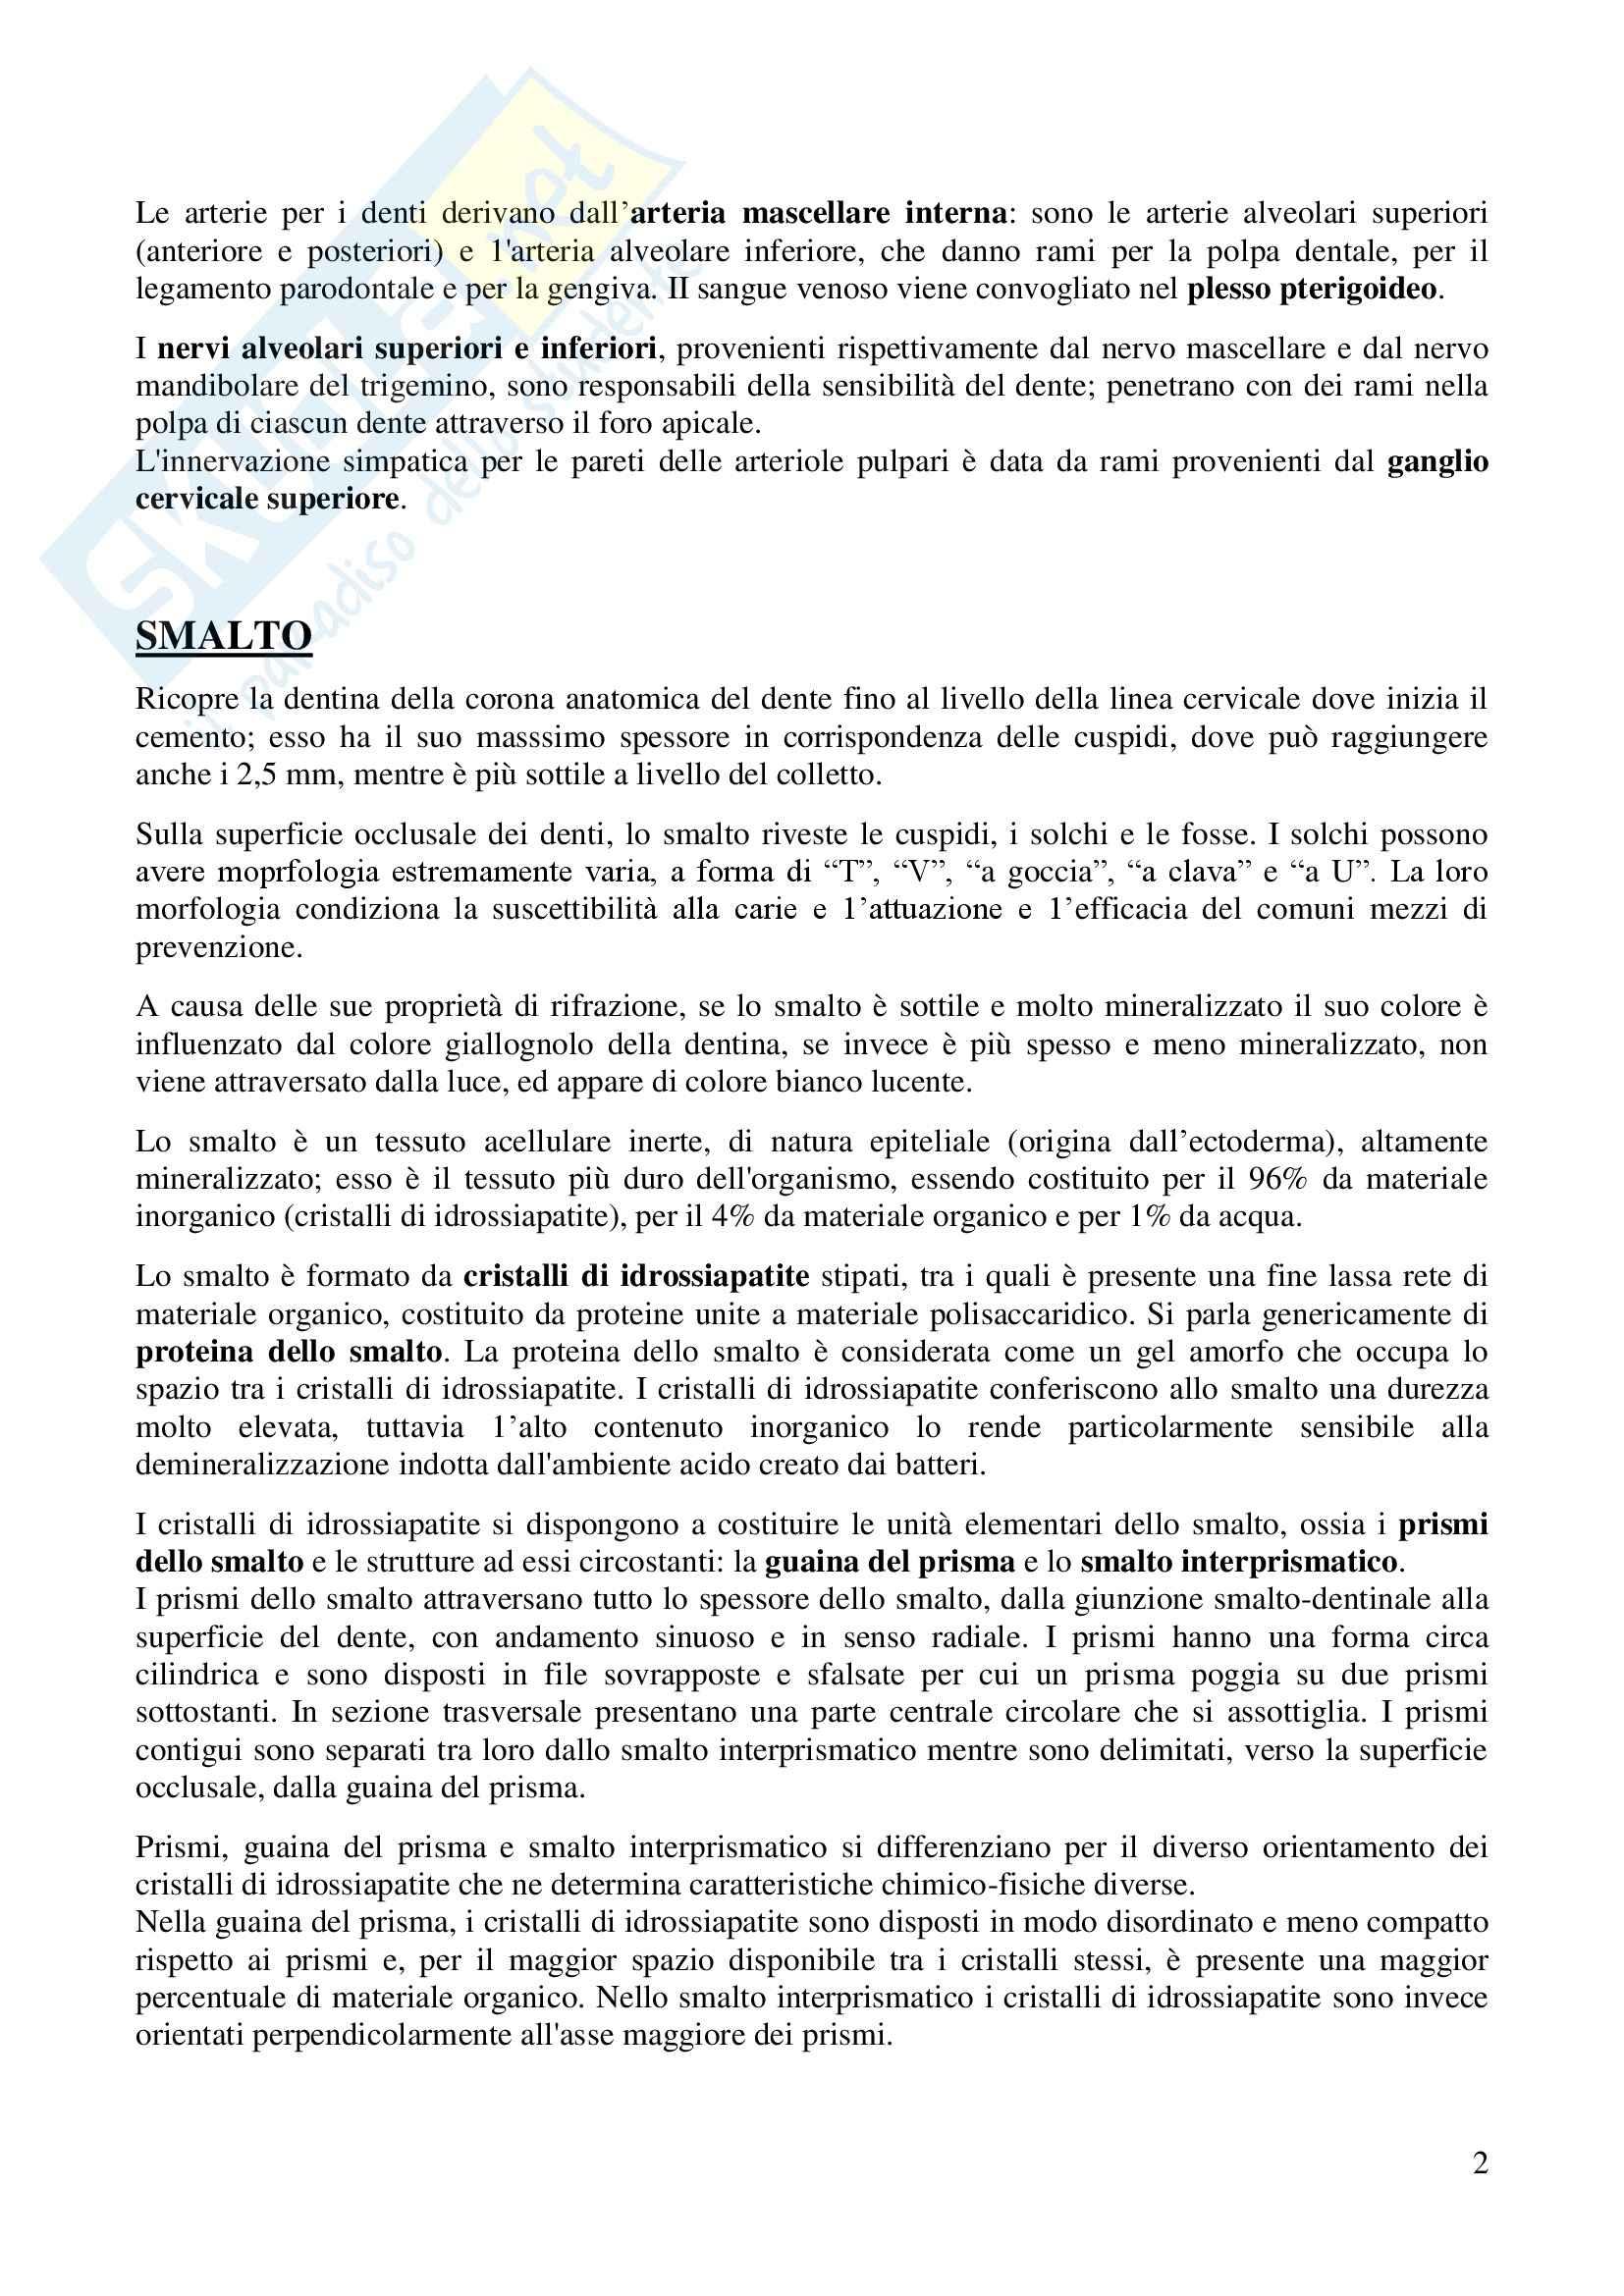 Denti, Anatomia dell'Apparato stomatognatico Pag. 2